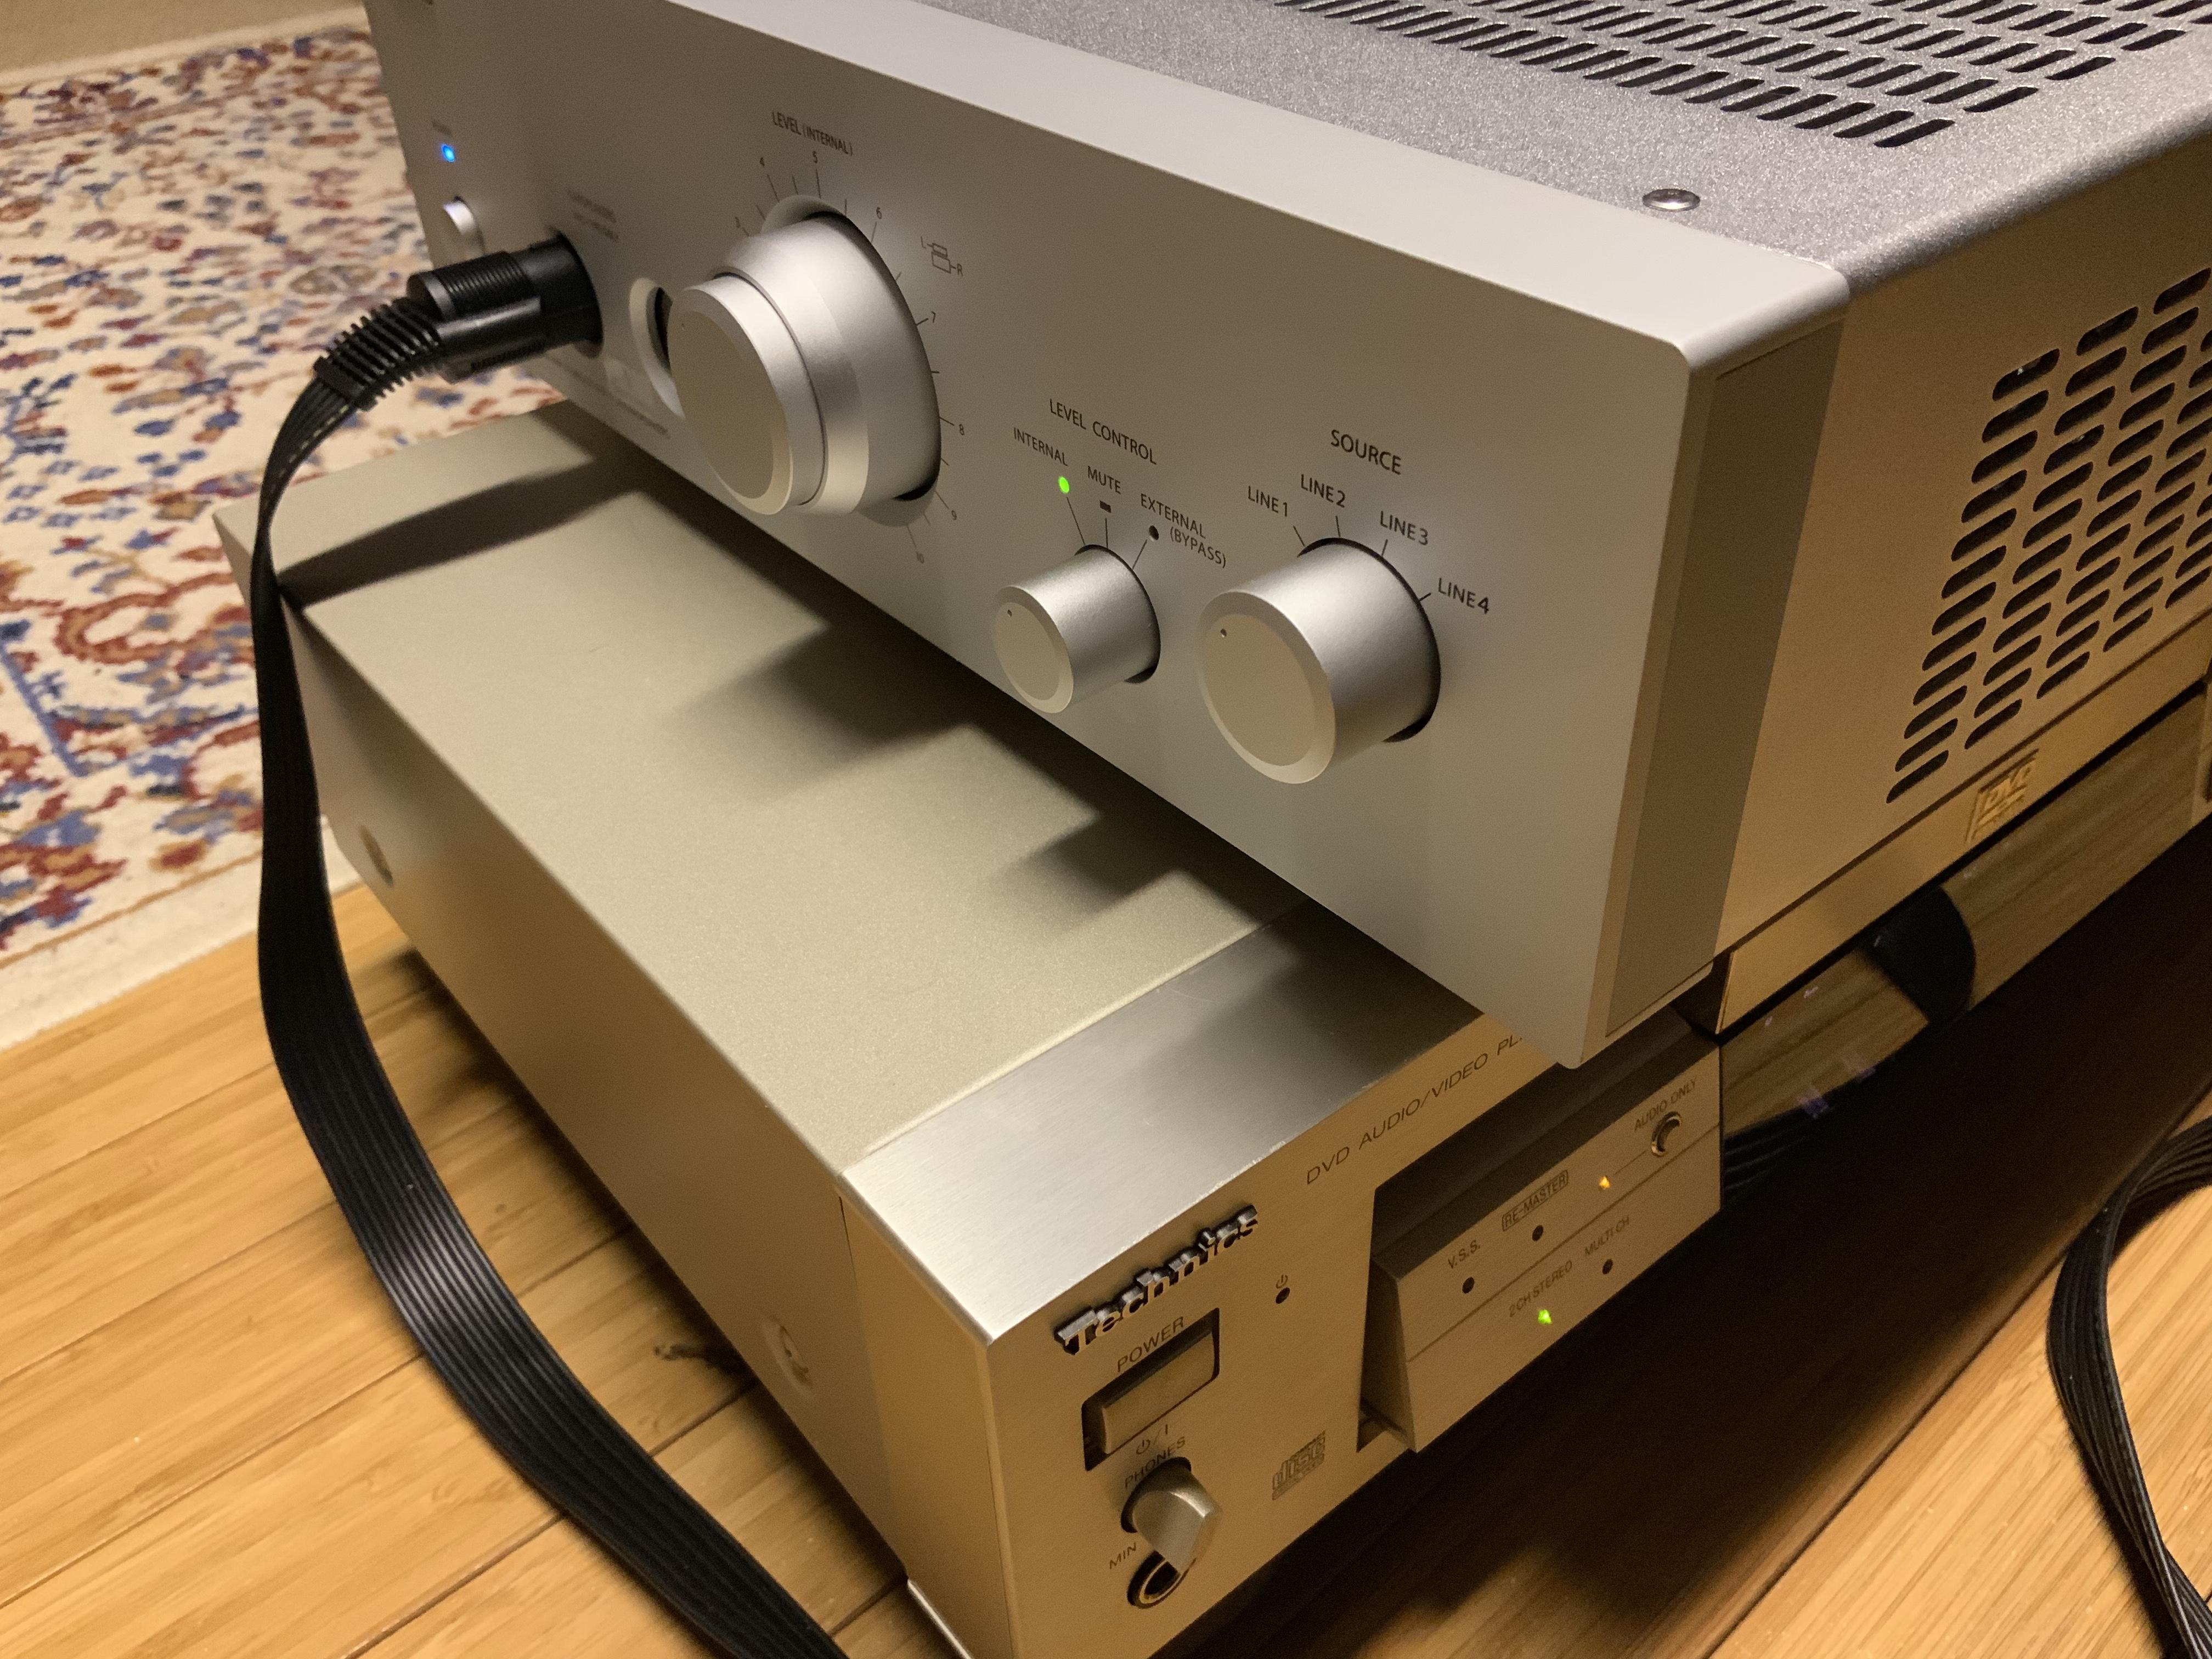 F2A1B881-03BC-4CDC-98B1-A30CF0F47202.jpeg